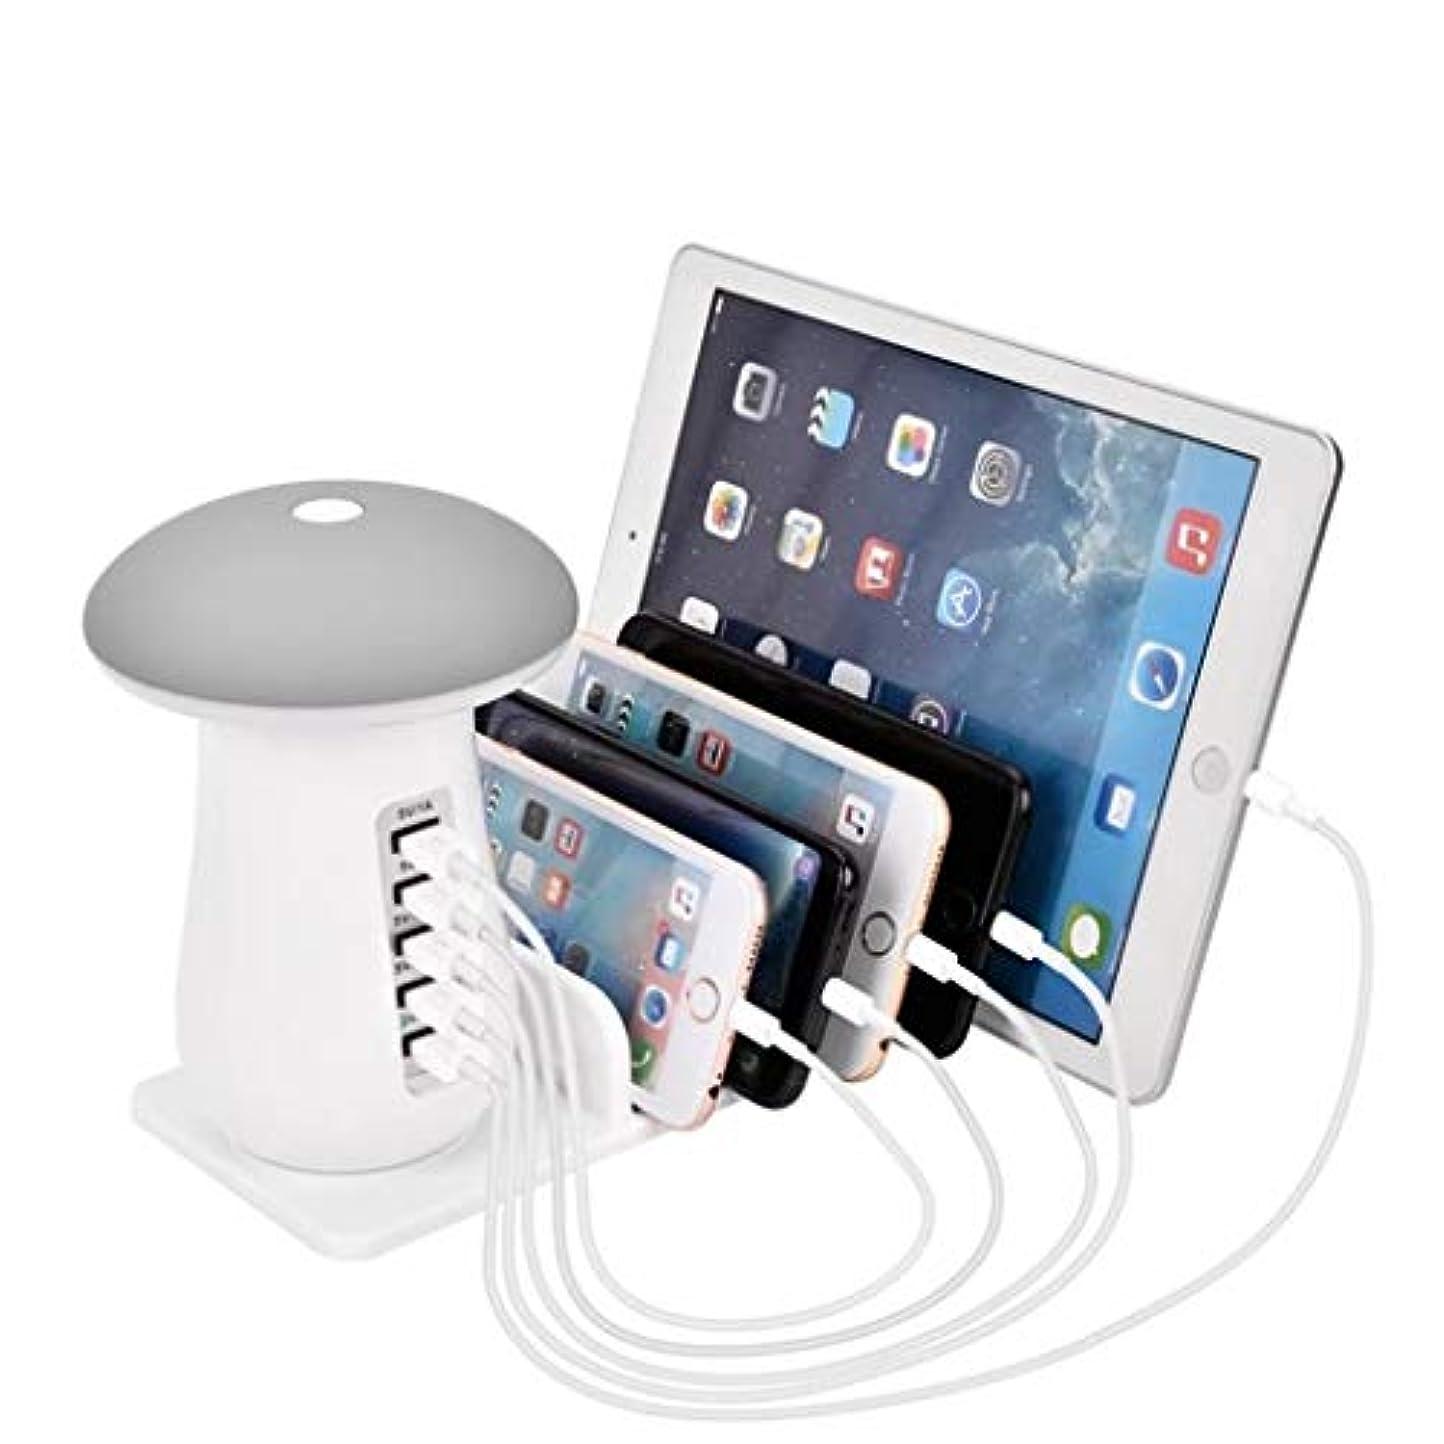 考慮請負業者前提駅USBポートを充電携帯電話は、きのこナイトライト5ポートはIPhone、iPad用ドック、ユニバーサル携帯電話、タブレットおよびその他の充電スタンド